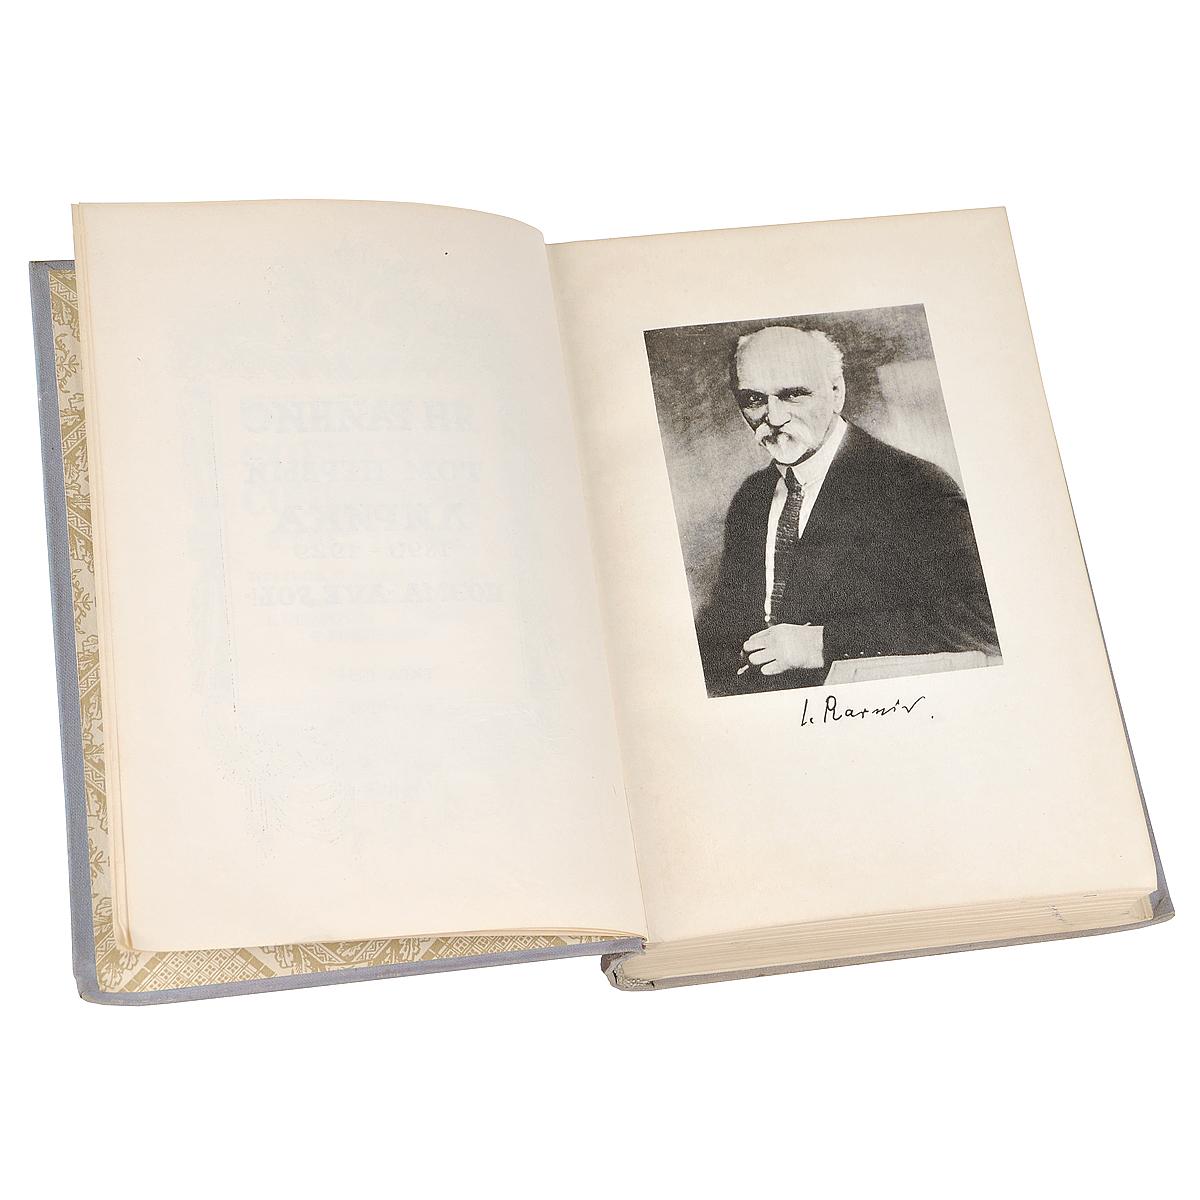 Ян Райнис. Собрание сочинений в 3 томах (комплект из 3 книг)